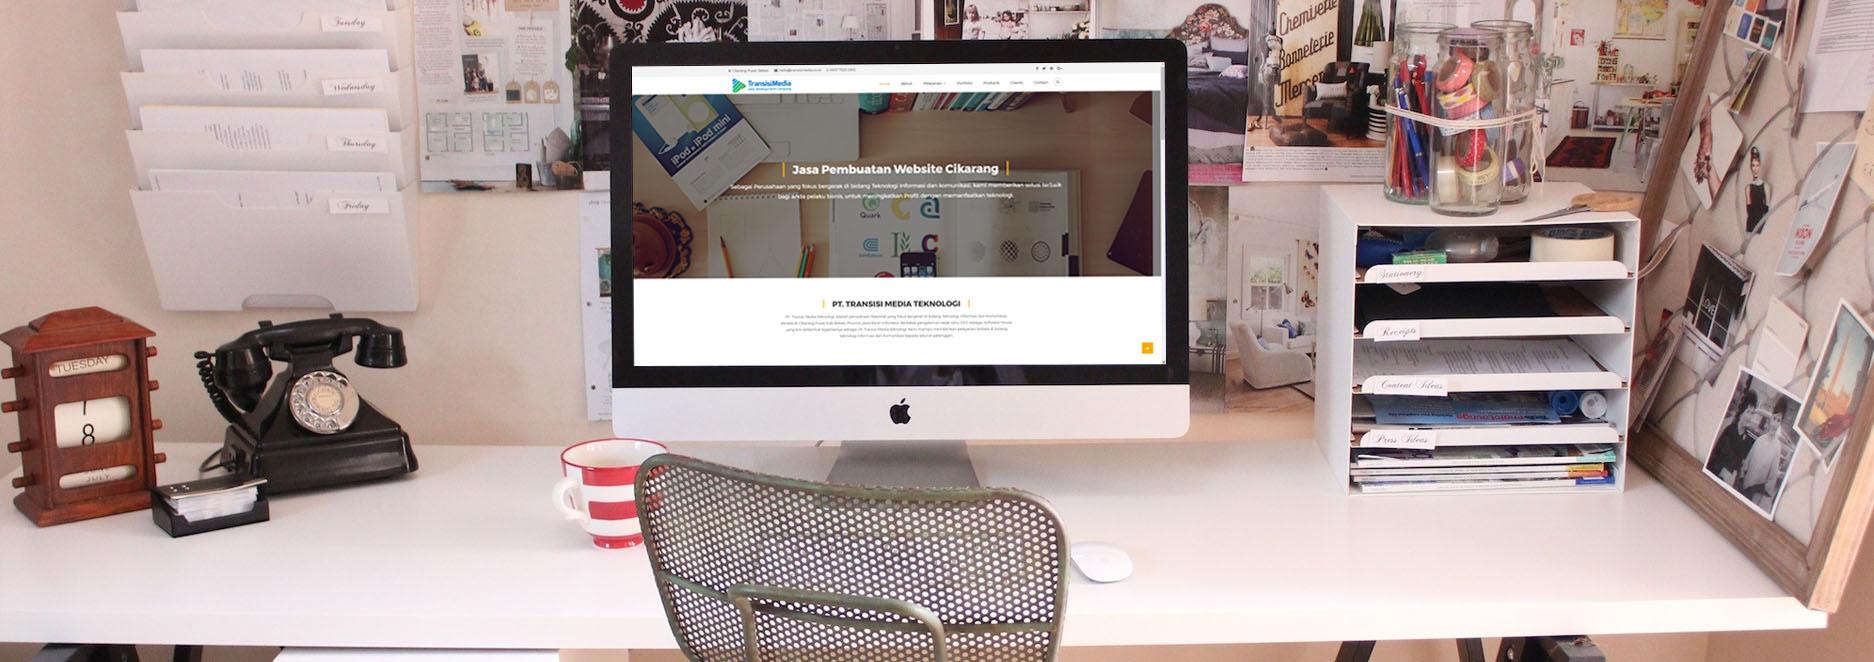 Jasa Pembuatan Website Cikarang Bekasi